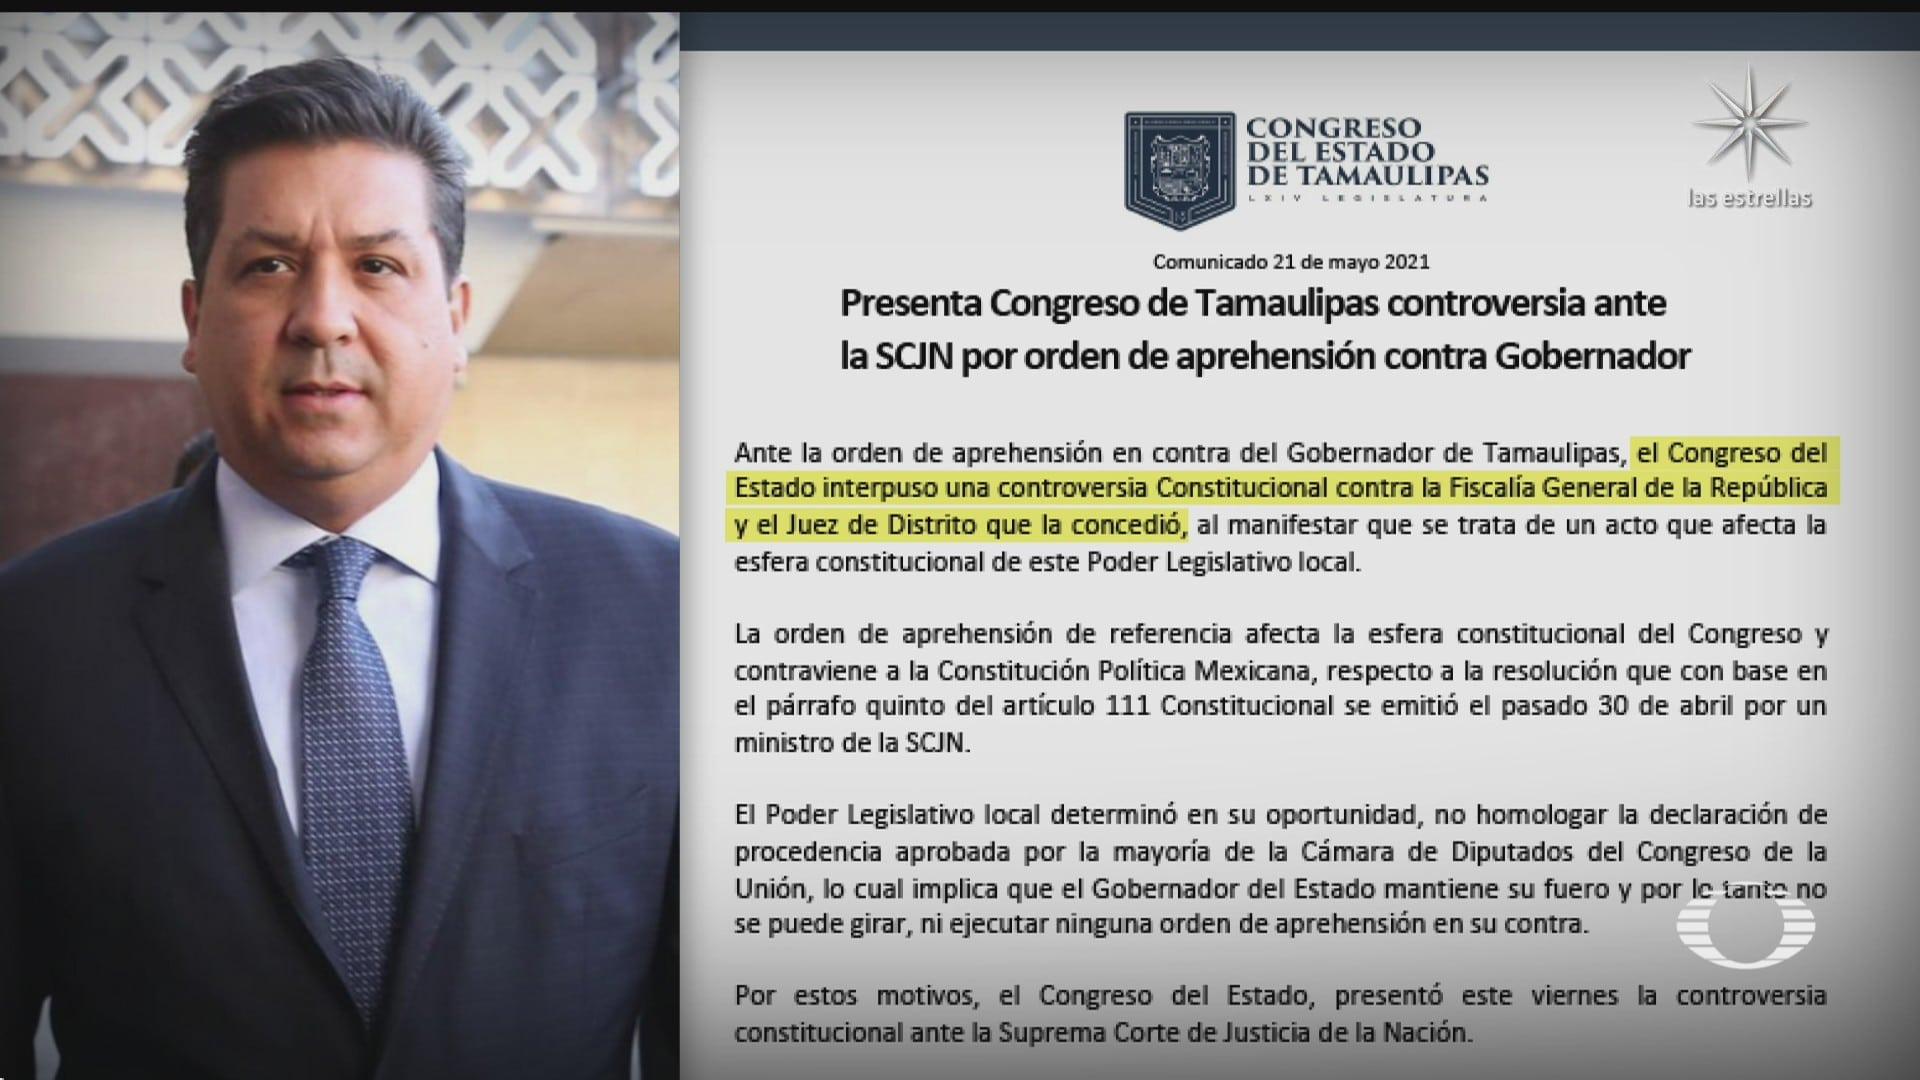 congreso de tamaulipas interpone controversia por situacion del gobernador cabeza de vaca